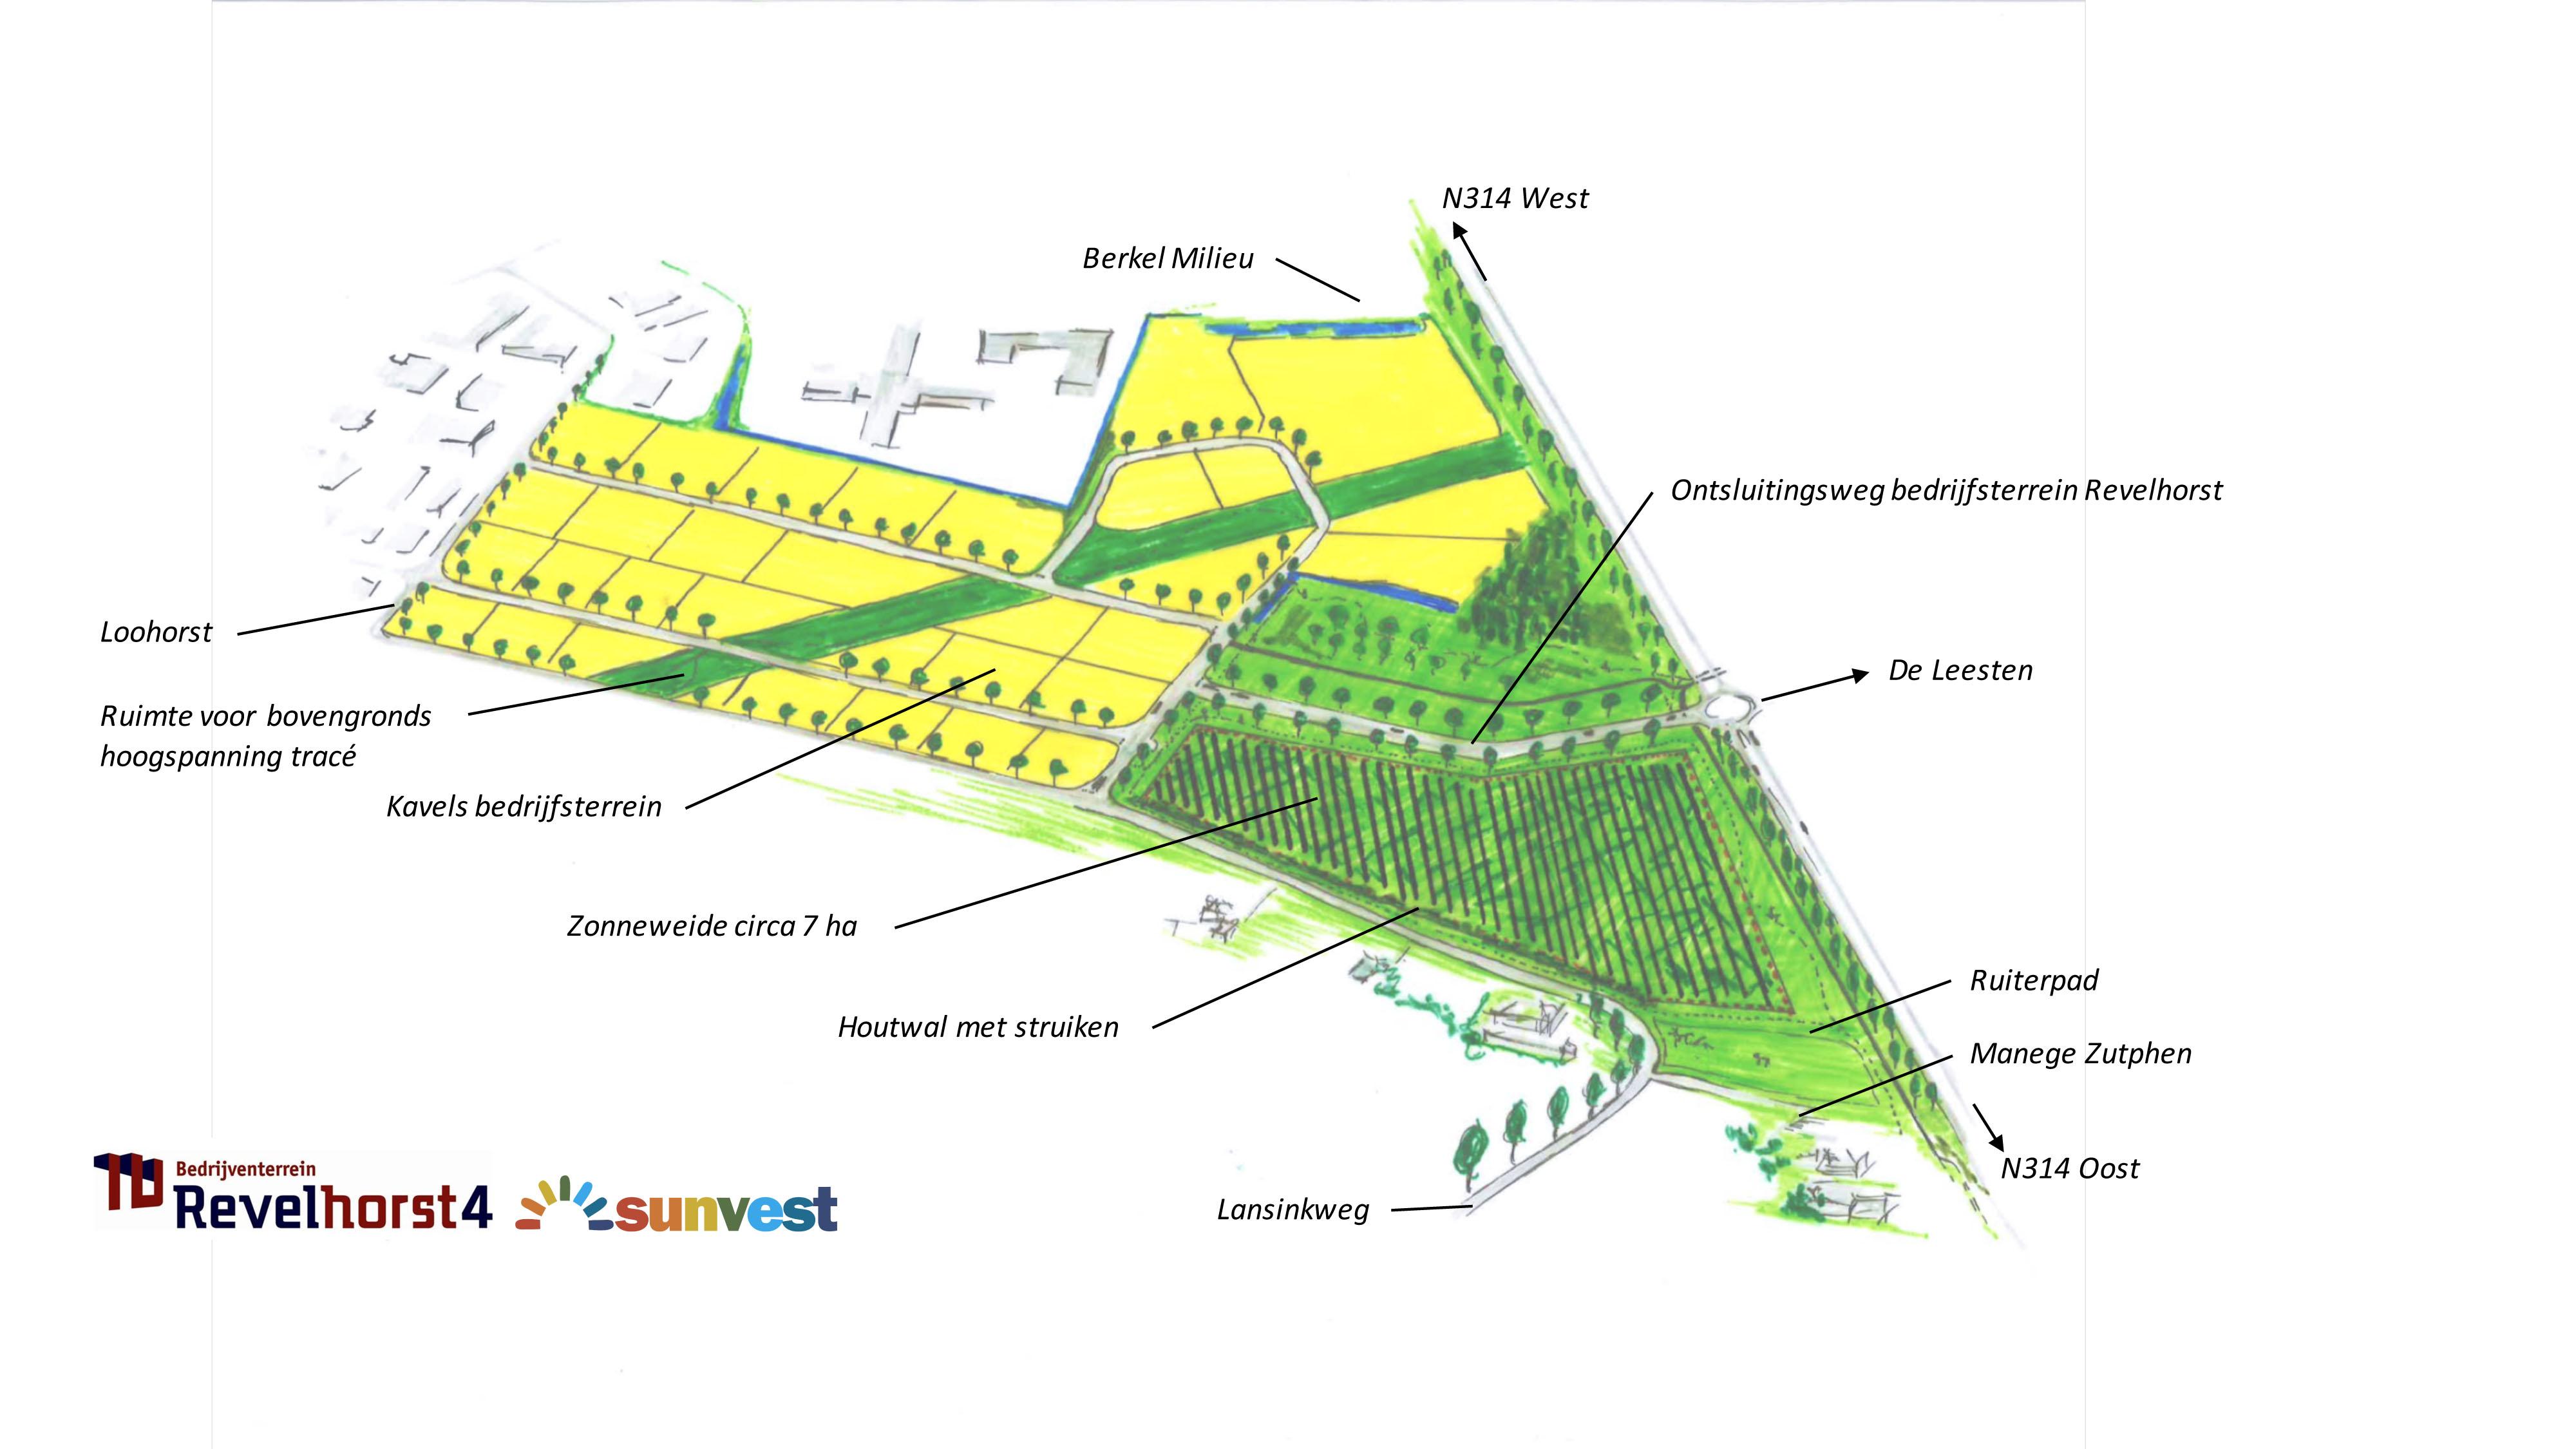 Revelhorst planontwerp zonneweide